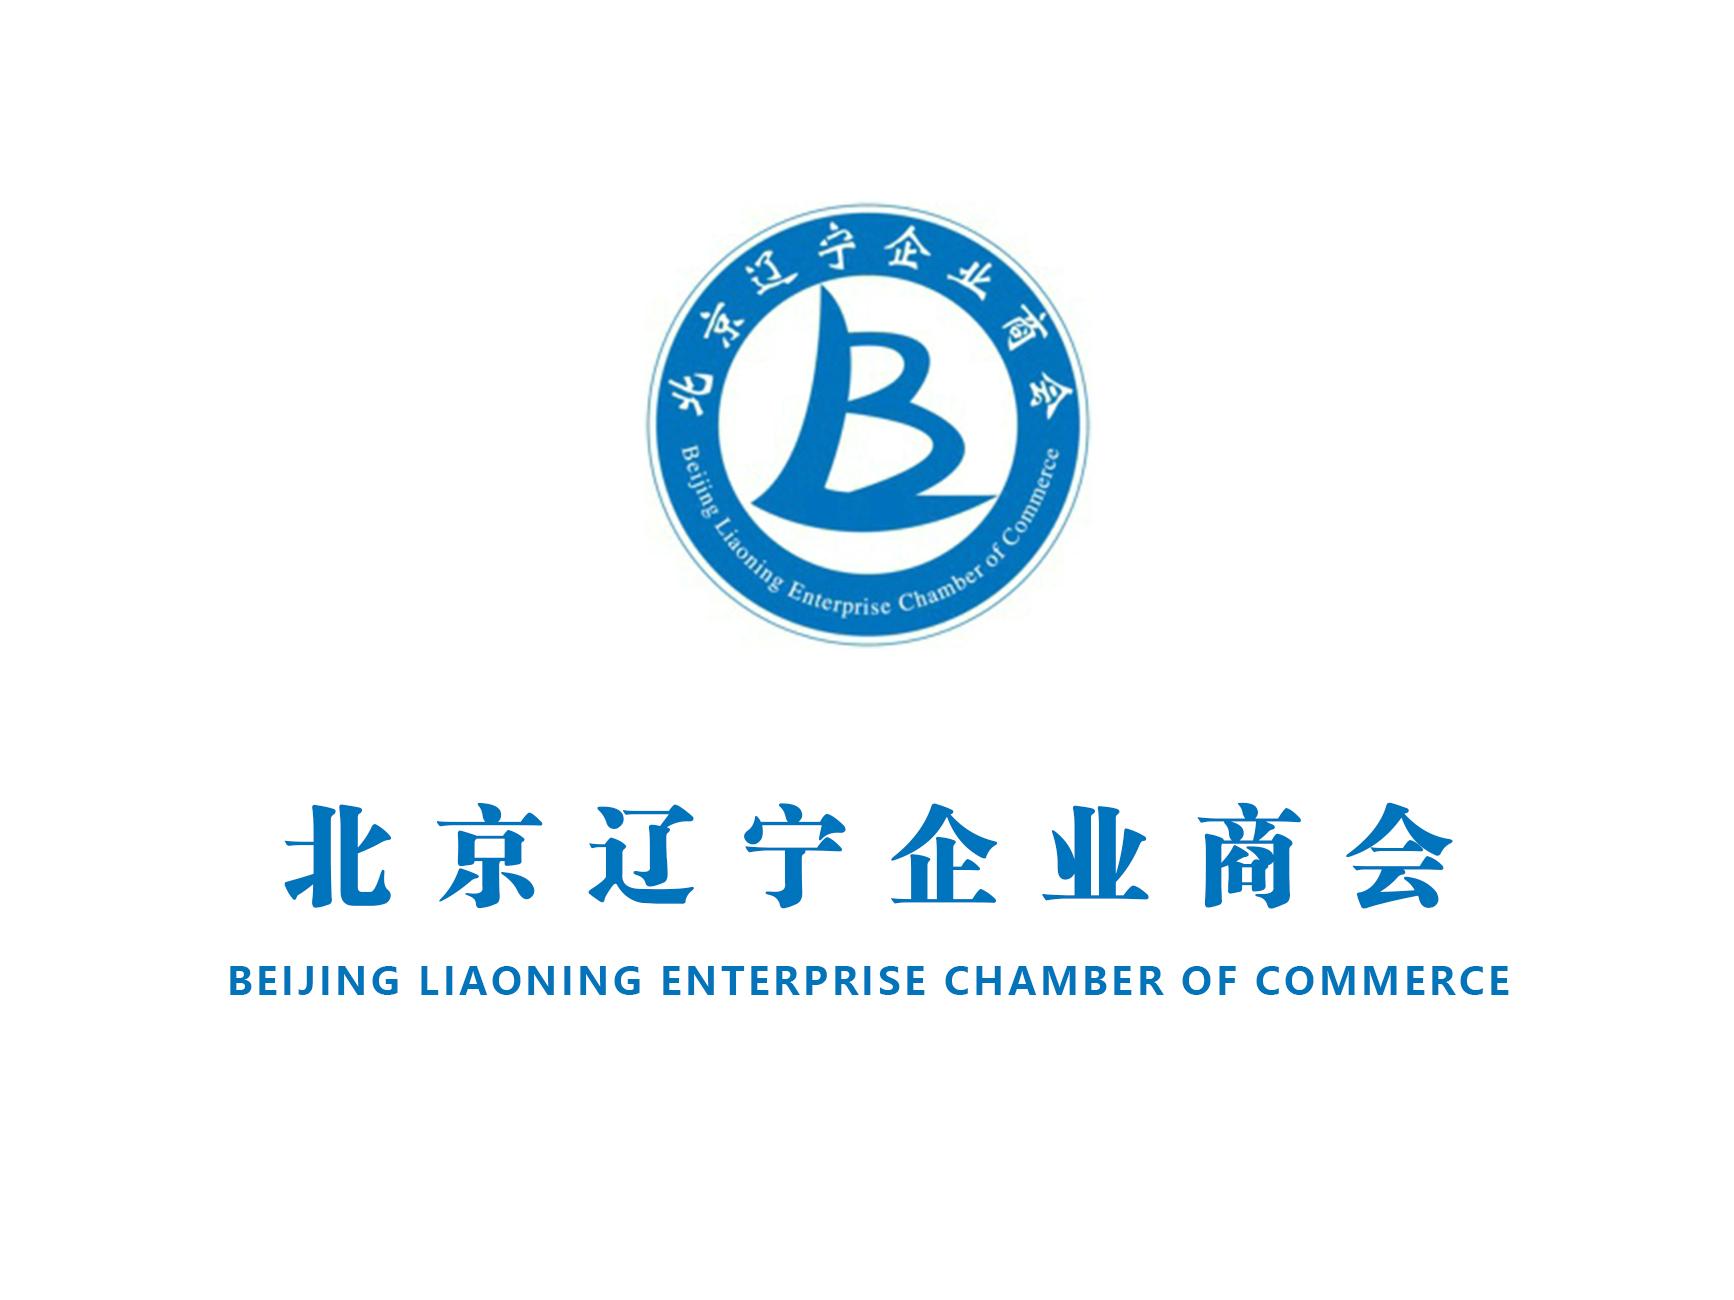 北京辽宁企业商会——助力京辽经济